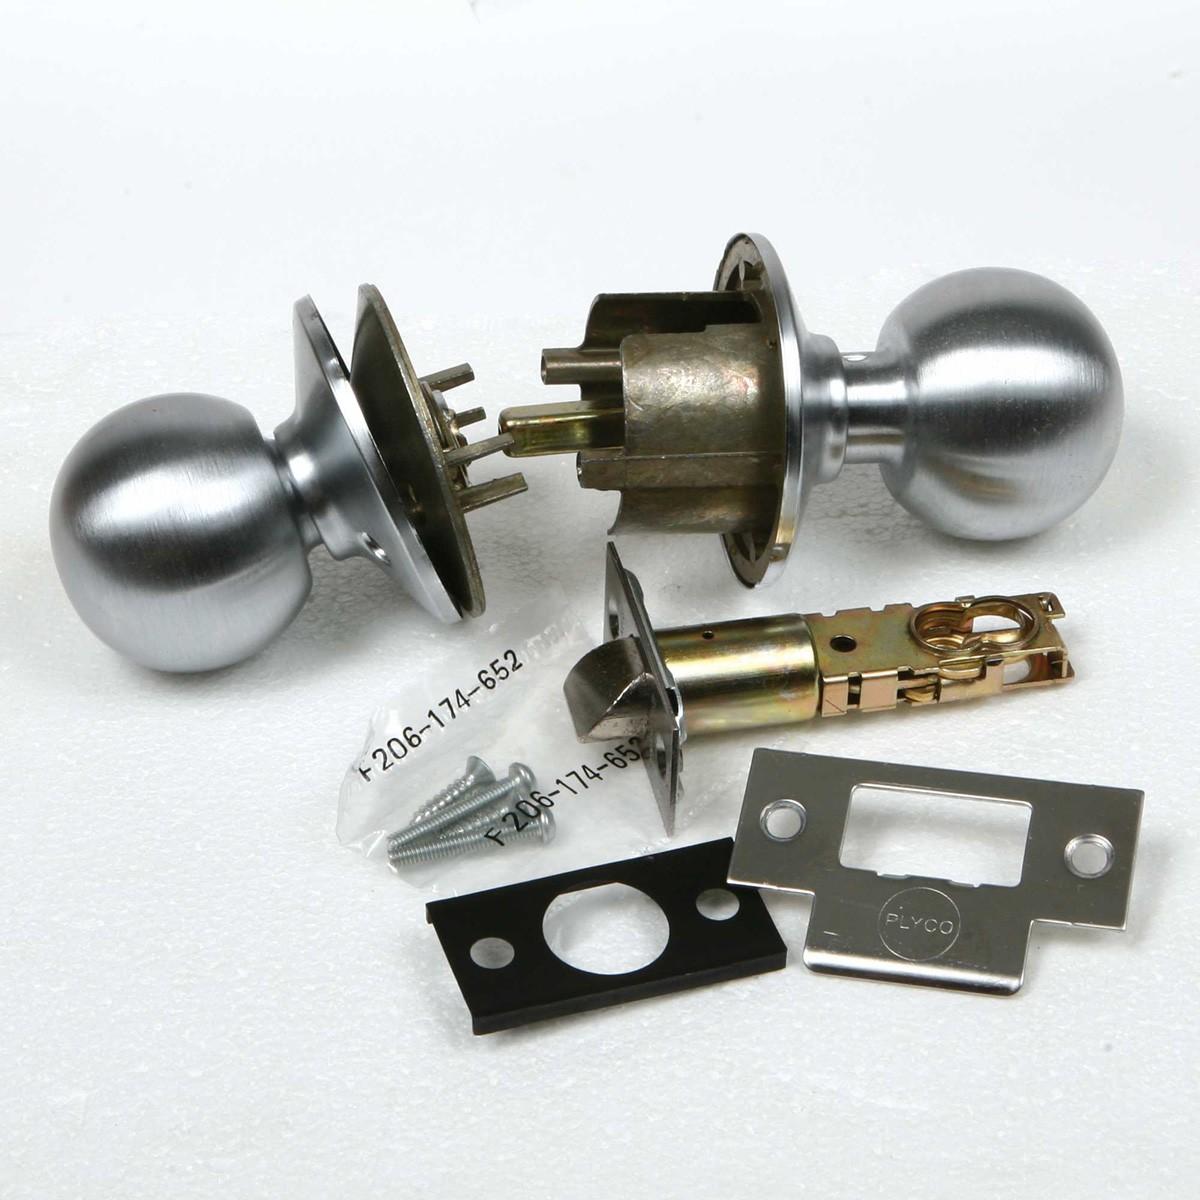 door knob components photo - 2